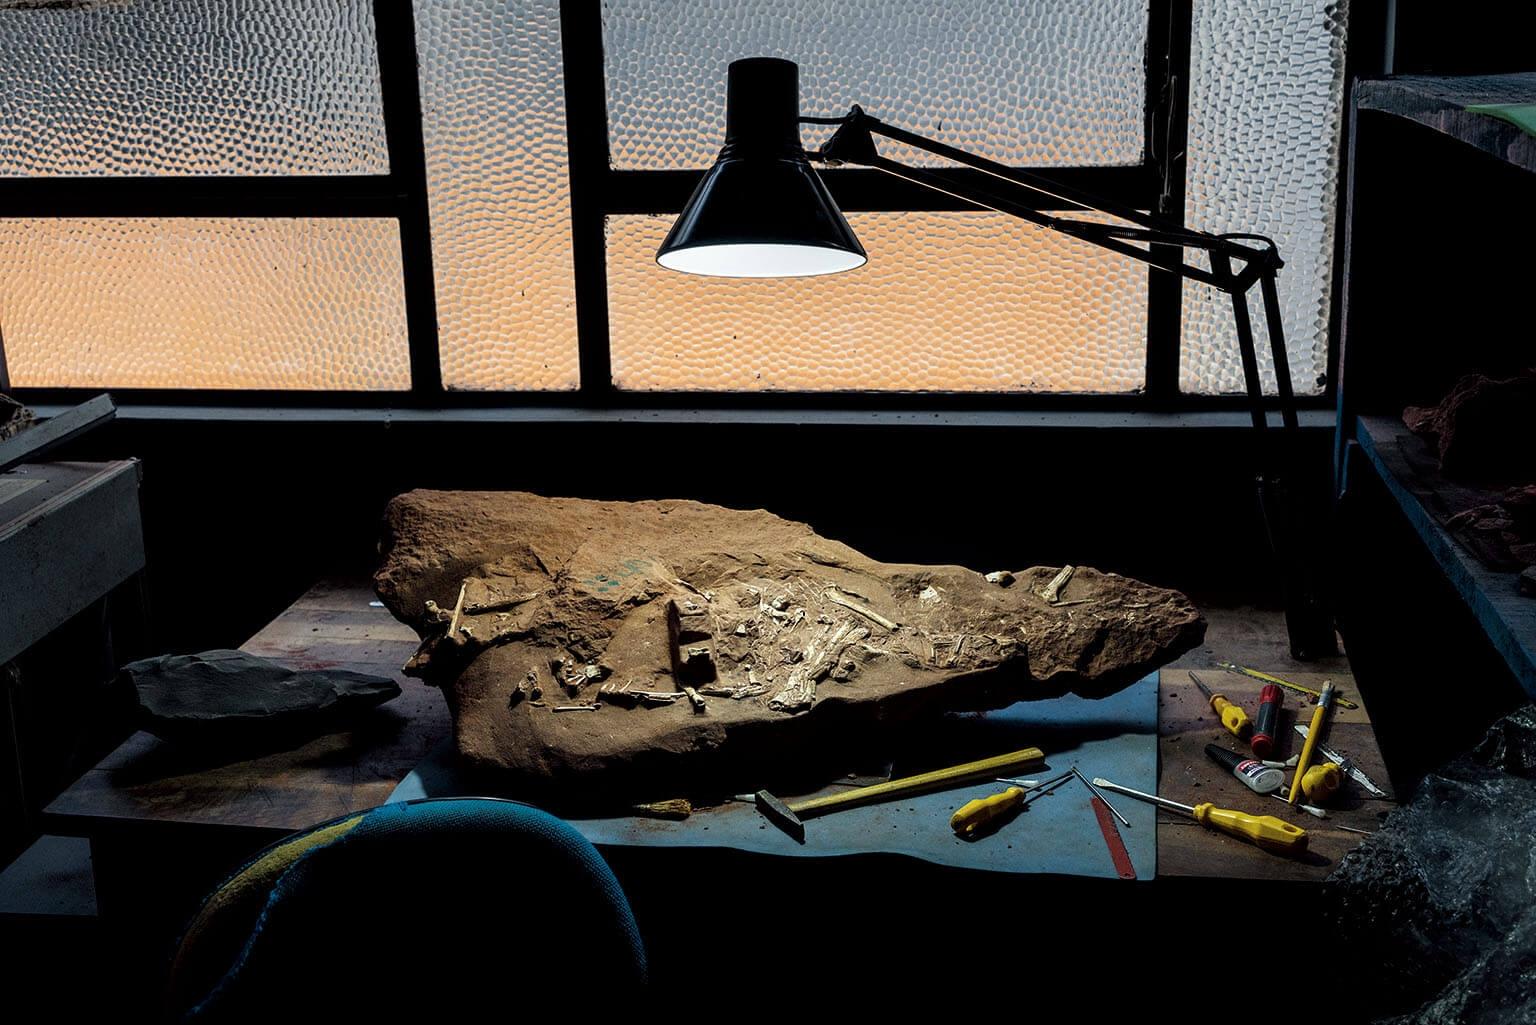 杜氏凱瓦神翼龍(Caiuajara dobruskii)的遺骨在巴西一間博物館等待研究。大量出土的化石發現,翻轉了科學家對翼龍的看法。一名專家說:「牠們不是我們原本以為的動物了。」 攝影:羅伯特.克拉克 Robert Clark